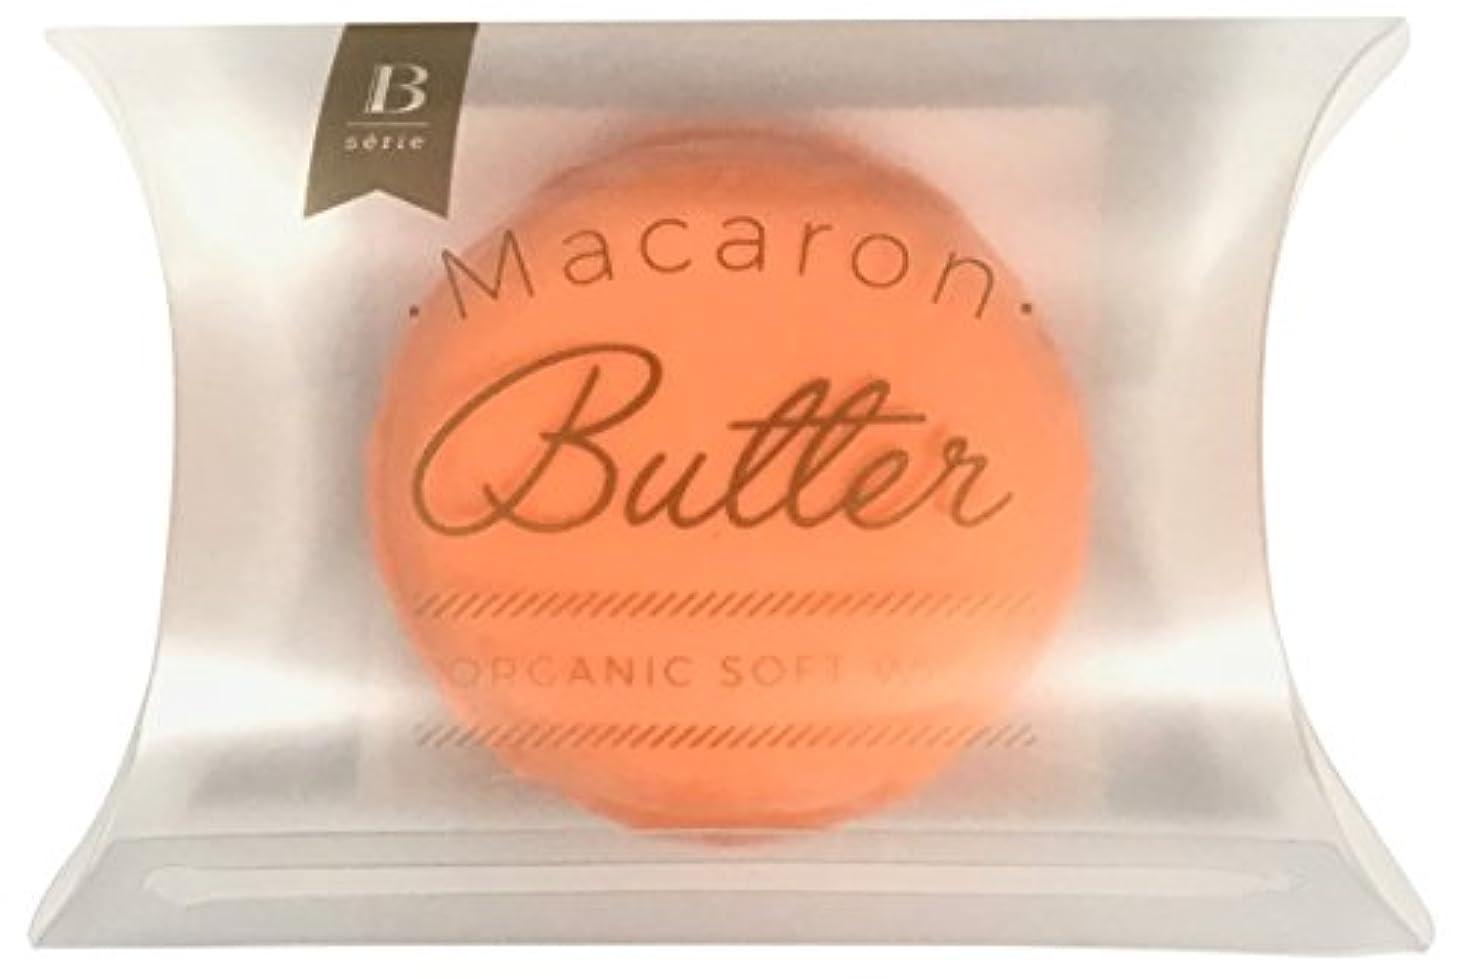 ナチュラピッチ日帰り旅行にBRY(ブライ) ビーセーリエ マカロンバター O オレンジ&イランイラン 20g